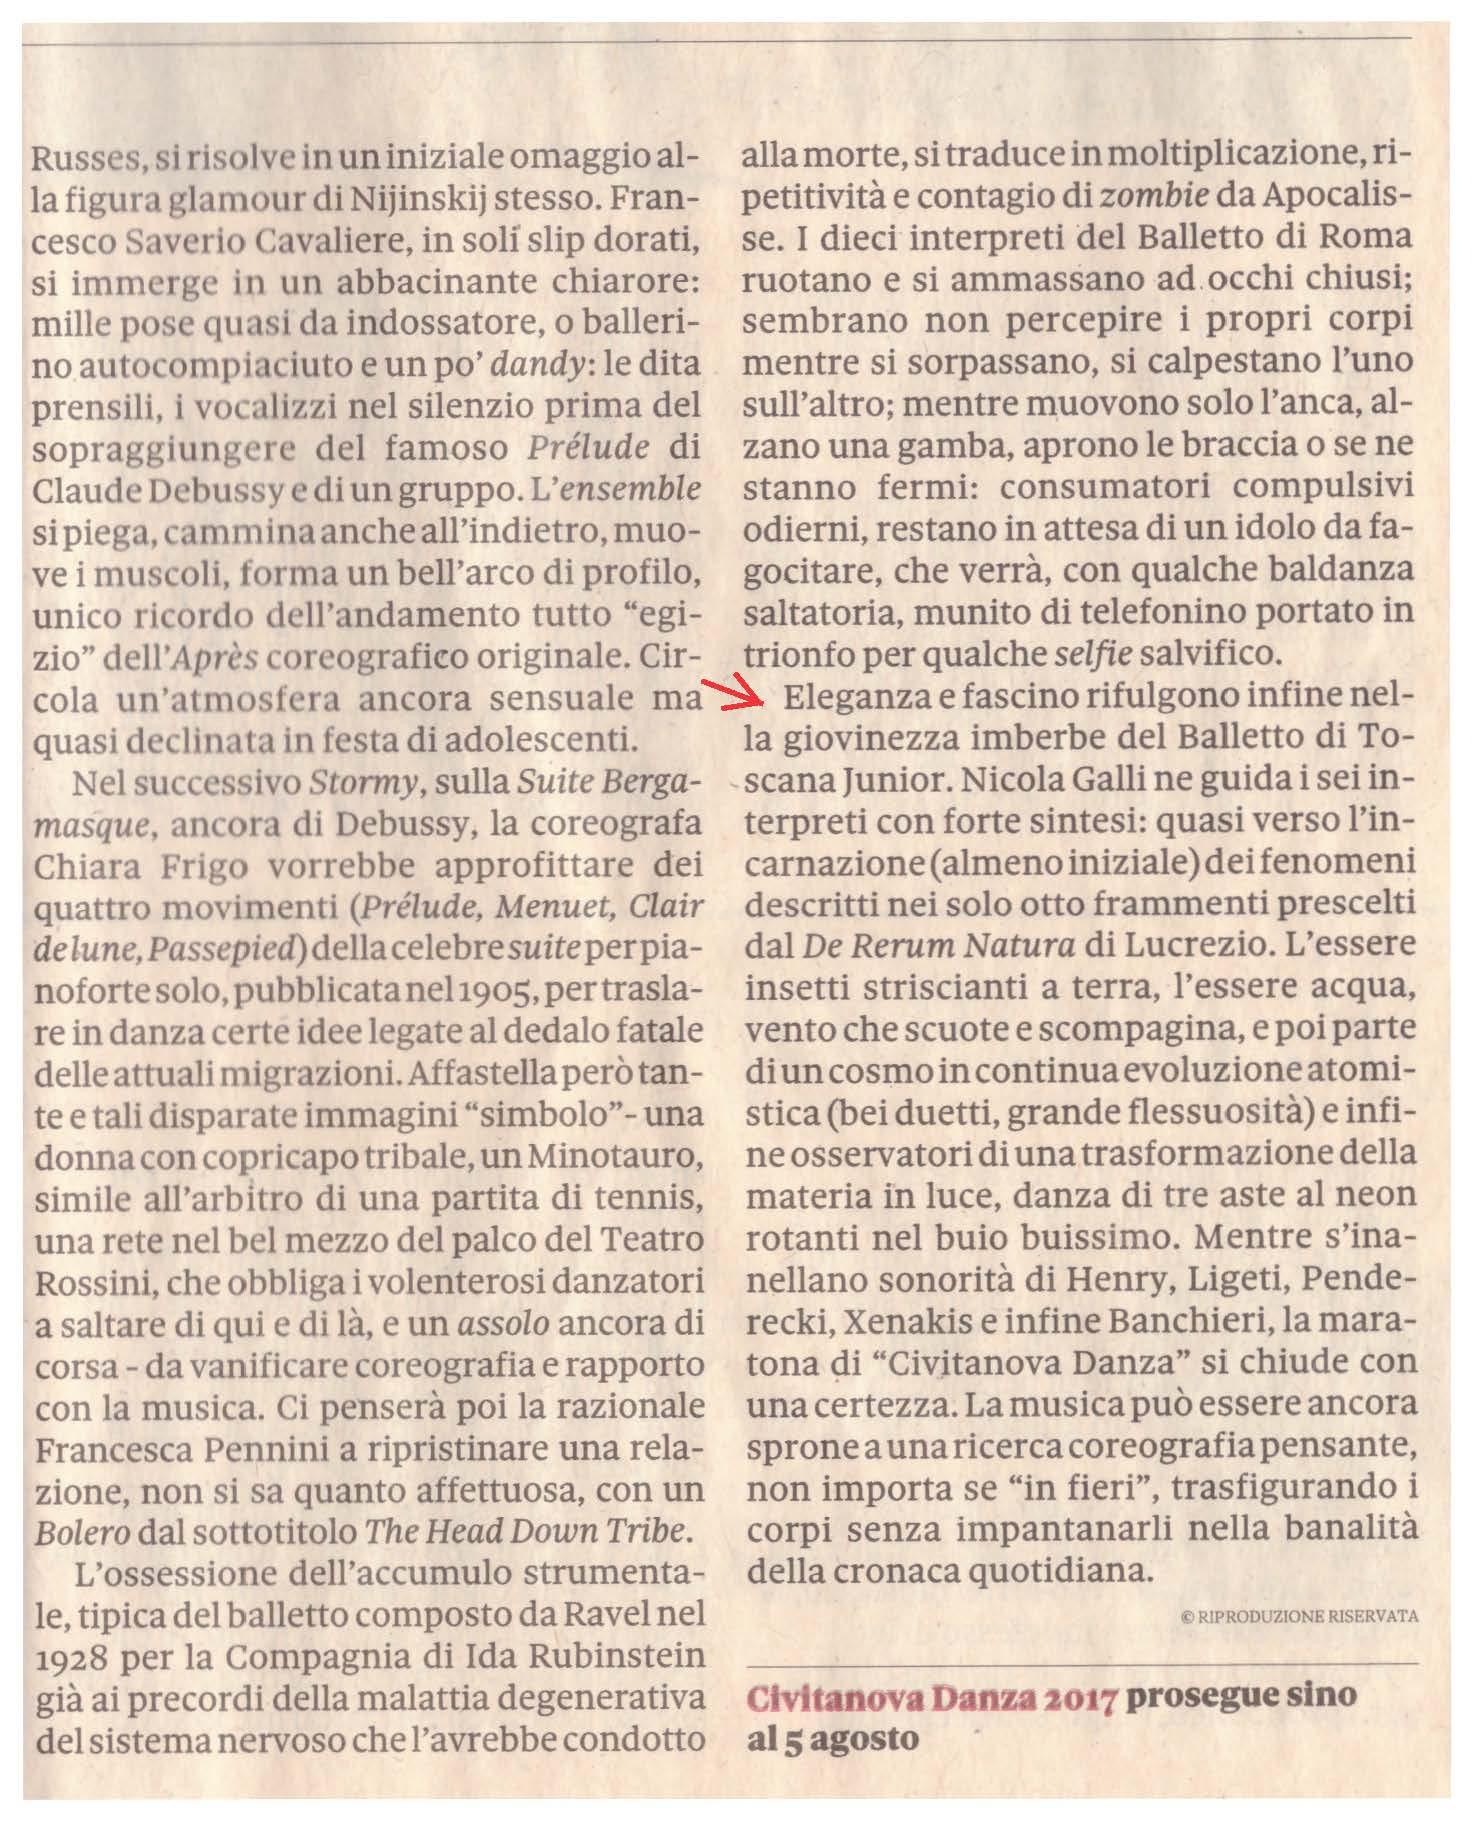 Recensione De rerum natura / Il sole 24 ore / 30 luglio 2017